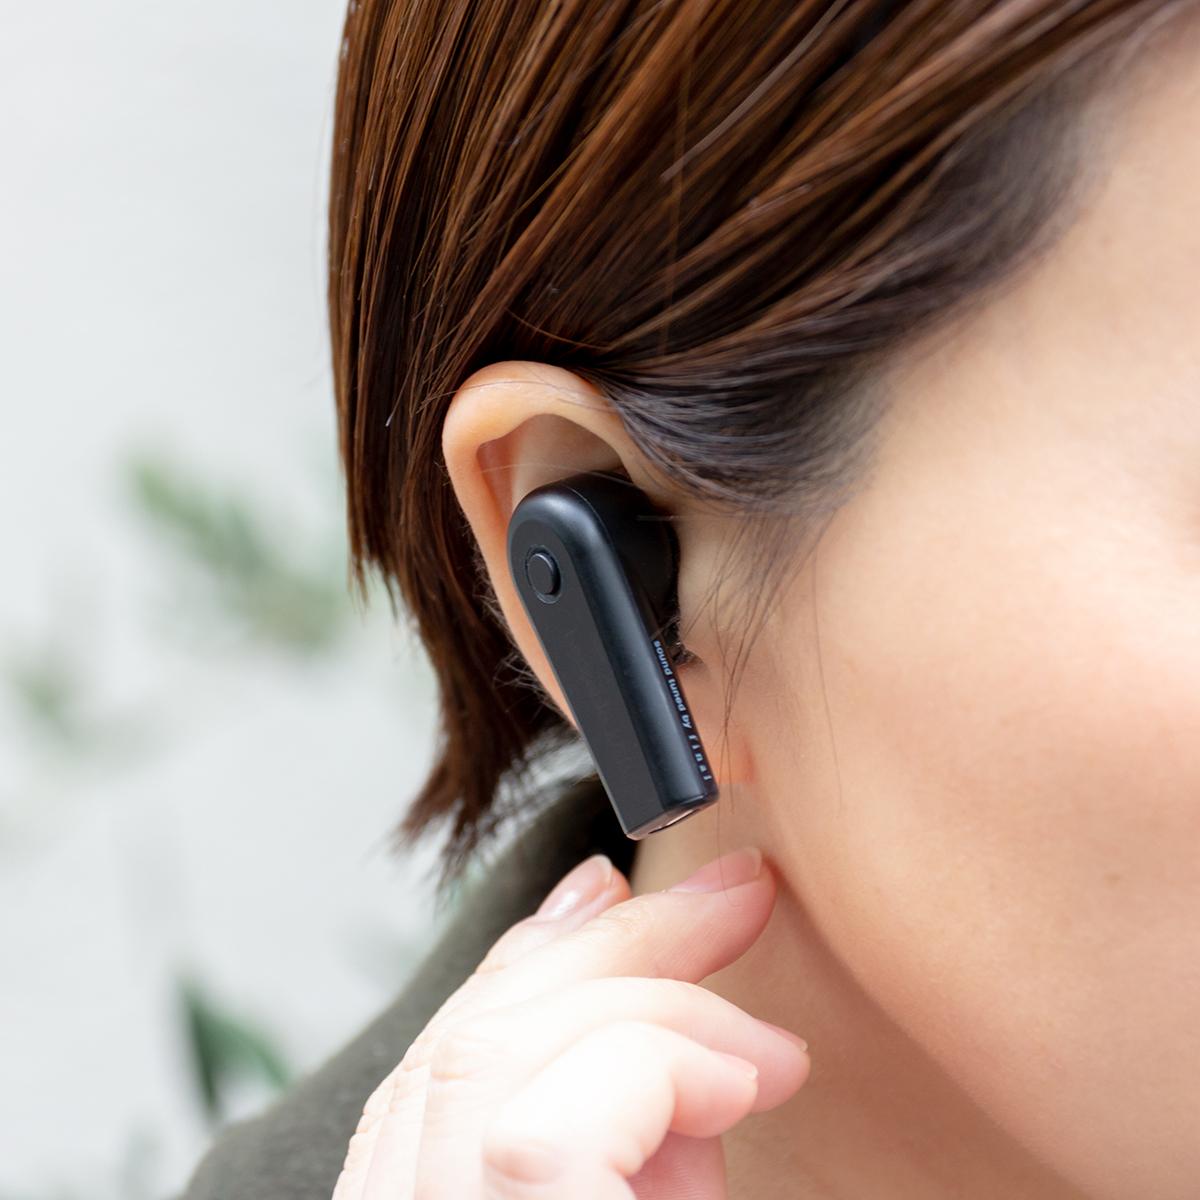 新発想!耳から落ちない、音が途切れない、20時間再生OKのワイヤレスイヤホン|FUNOHM